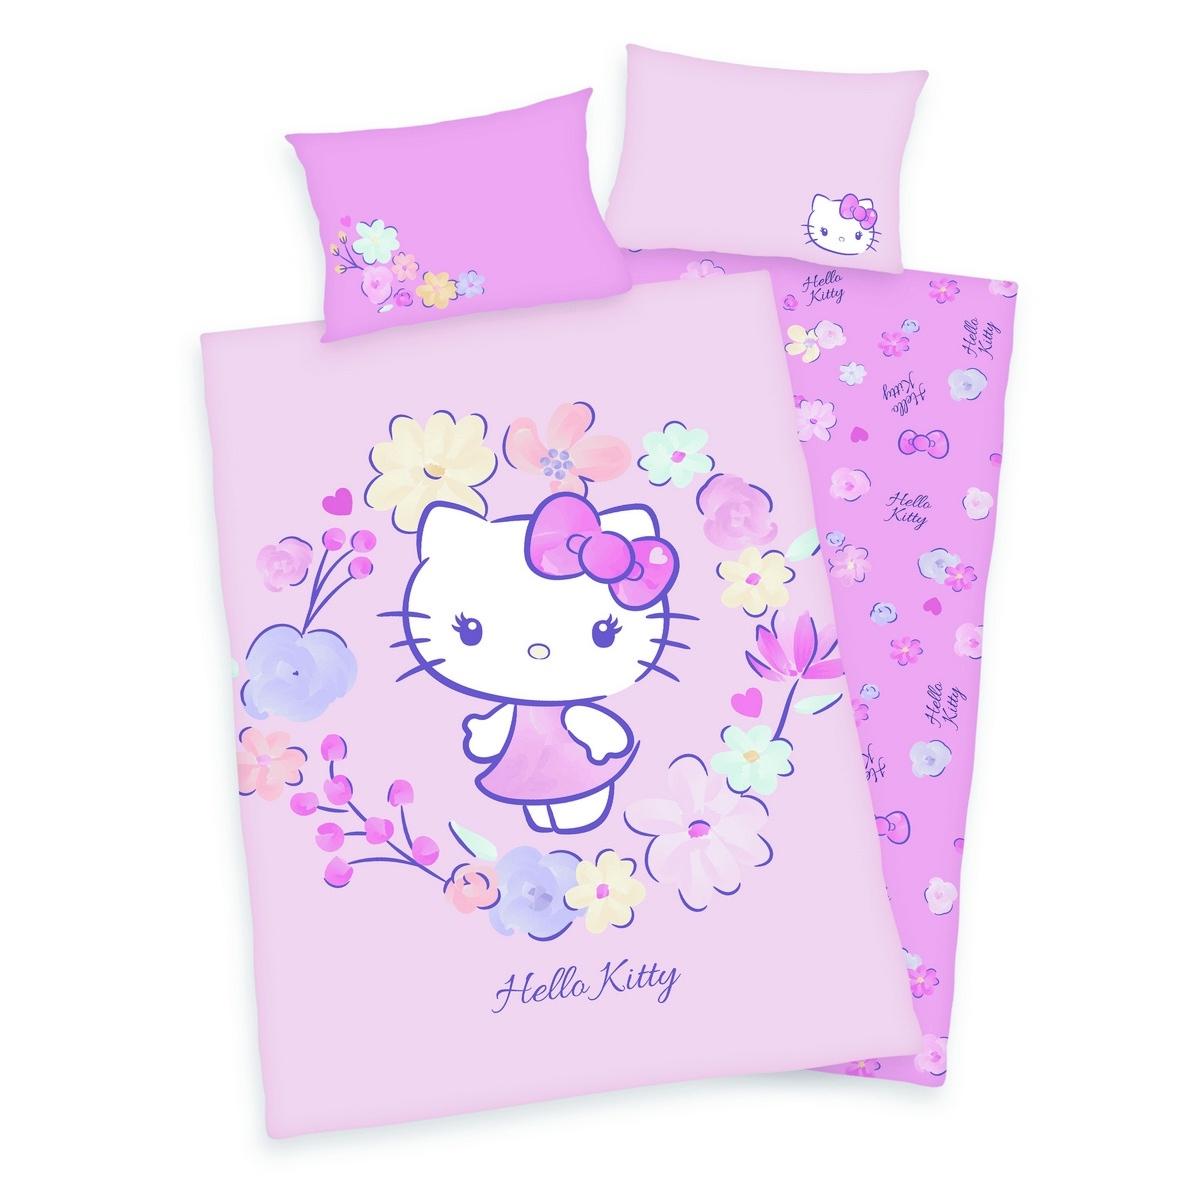 Herding Detské bavlnené obliečky do postieľky Hello Kitty, 100 x 135 cm, 40 x 60 cm